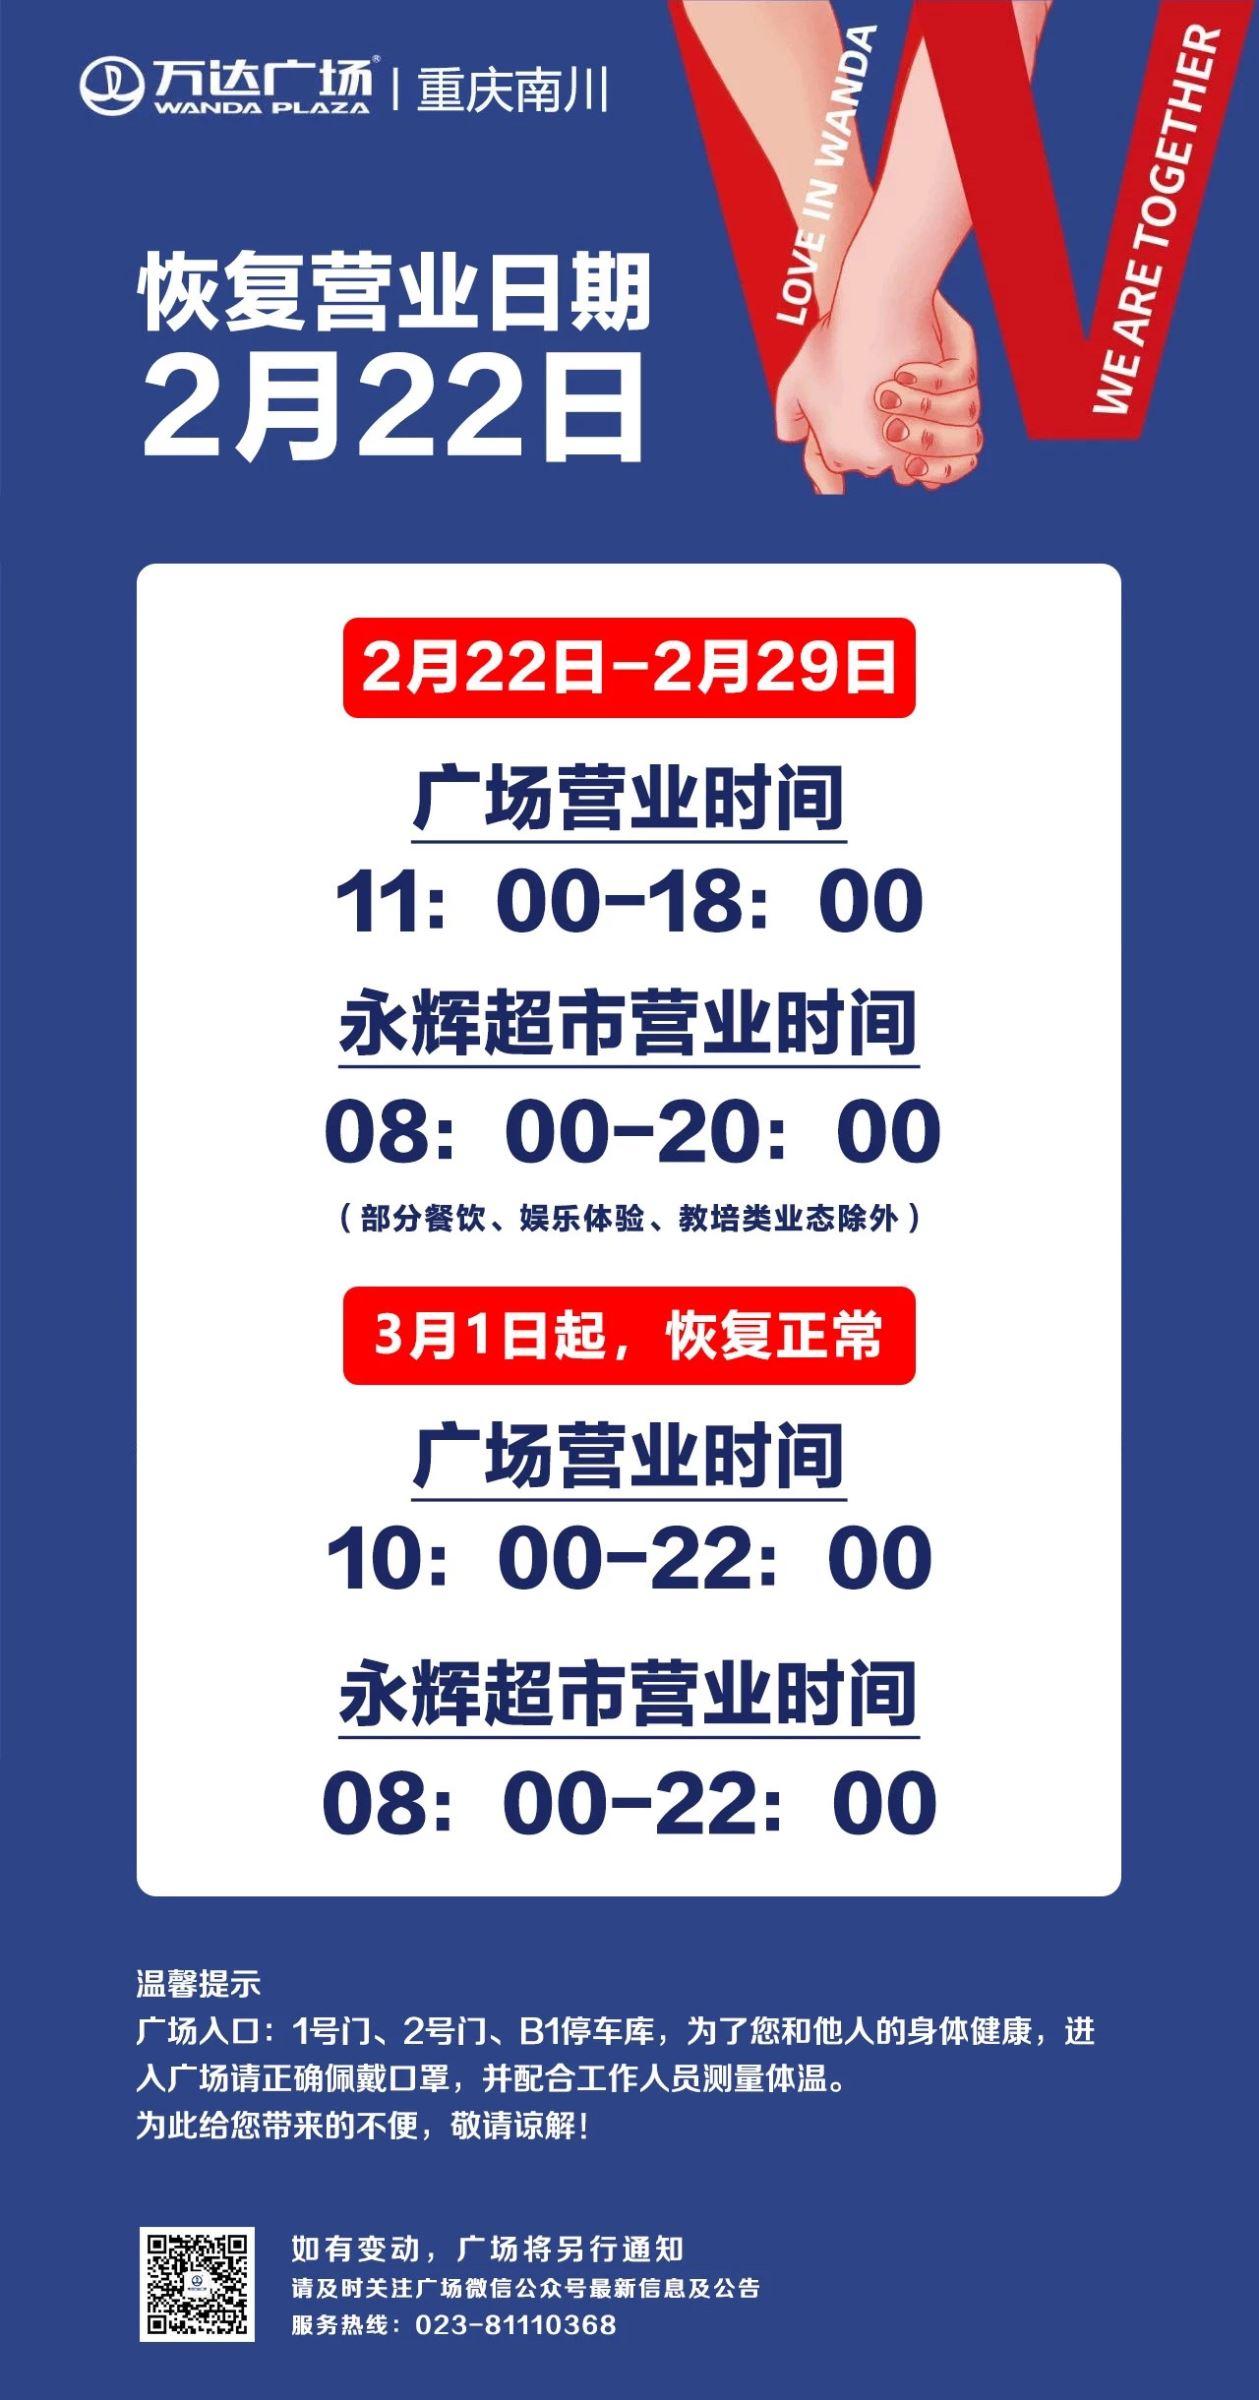 刚刚!重庆首个购物中心恢复营业